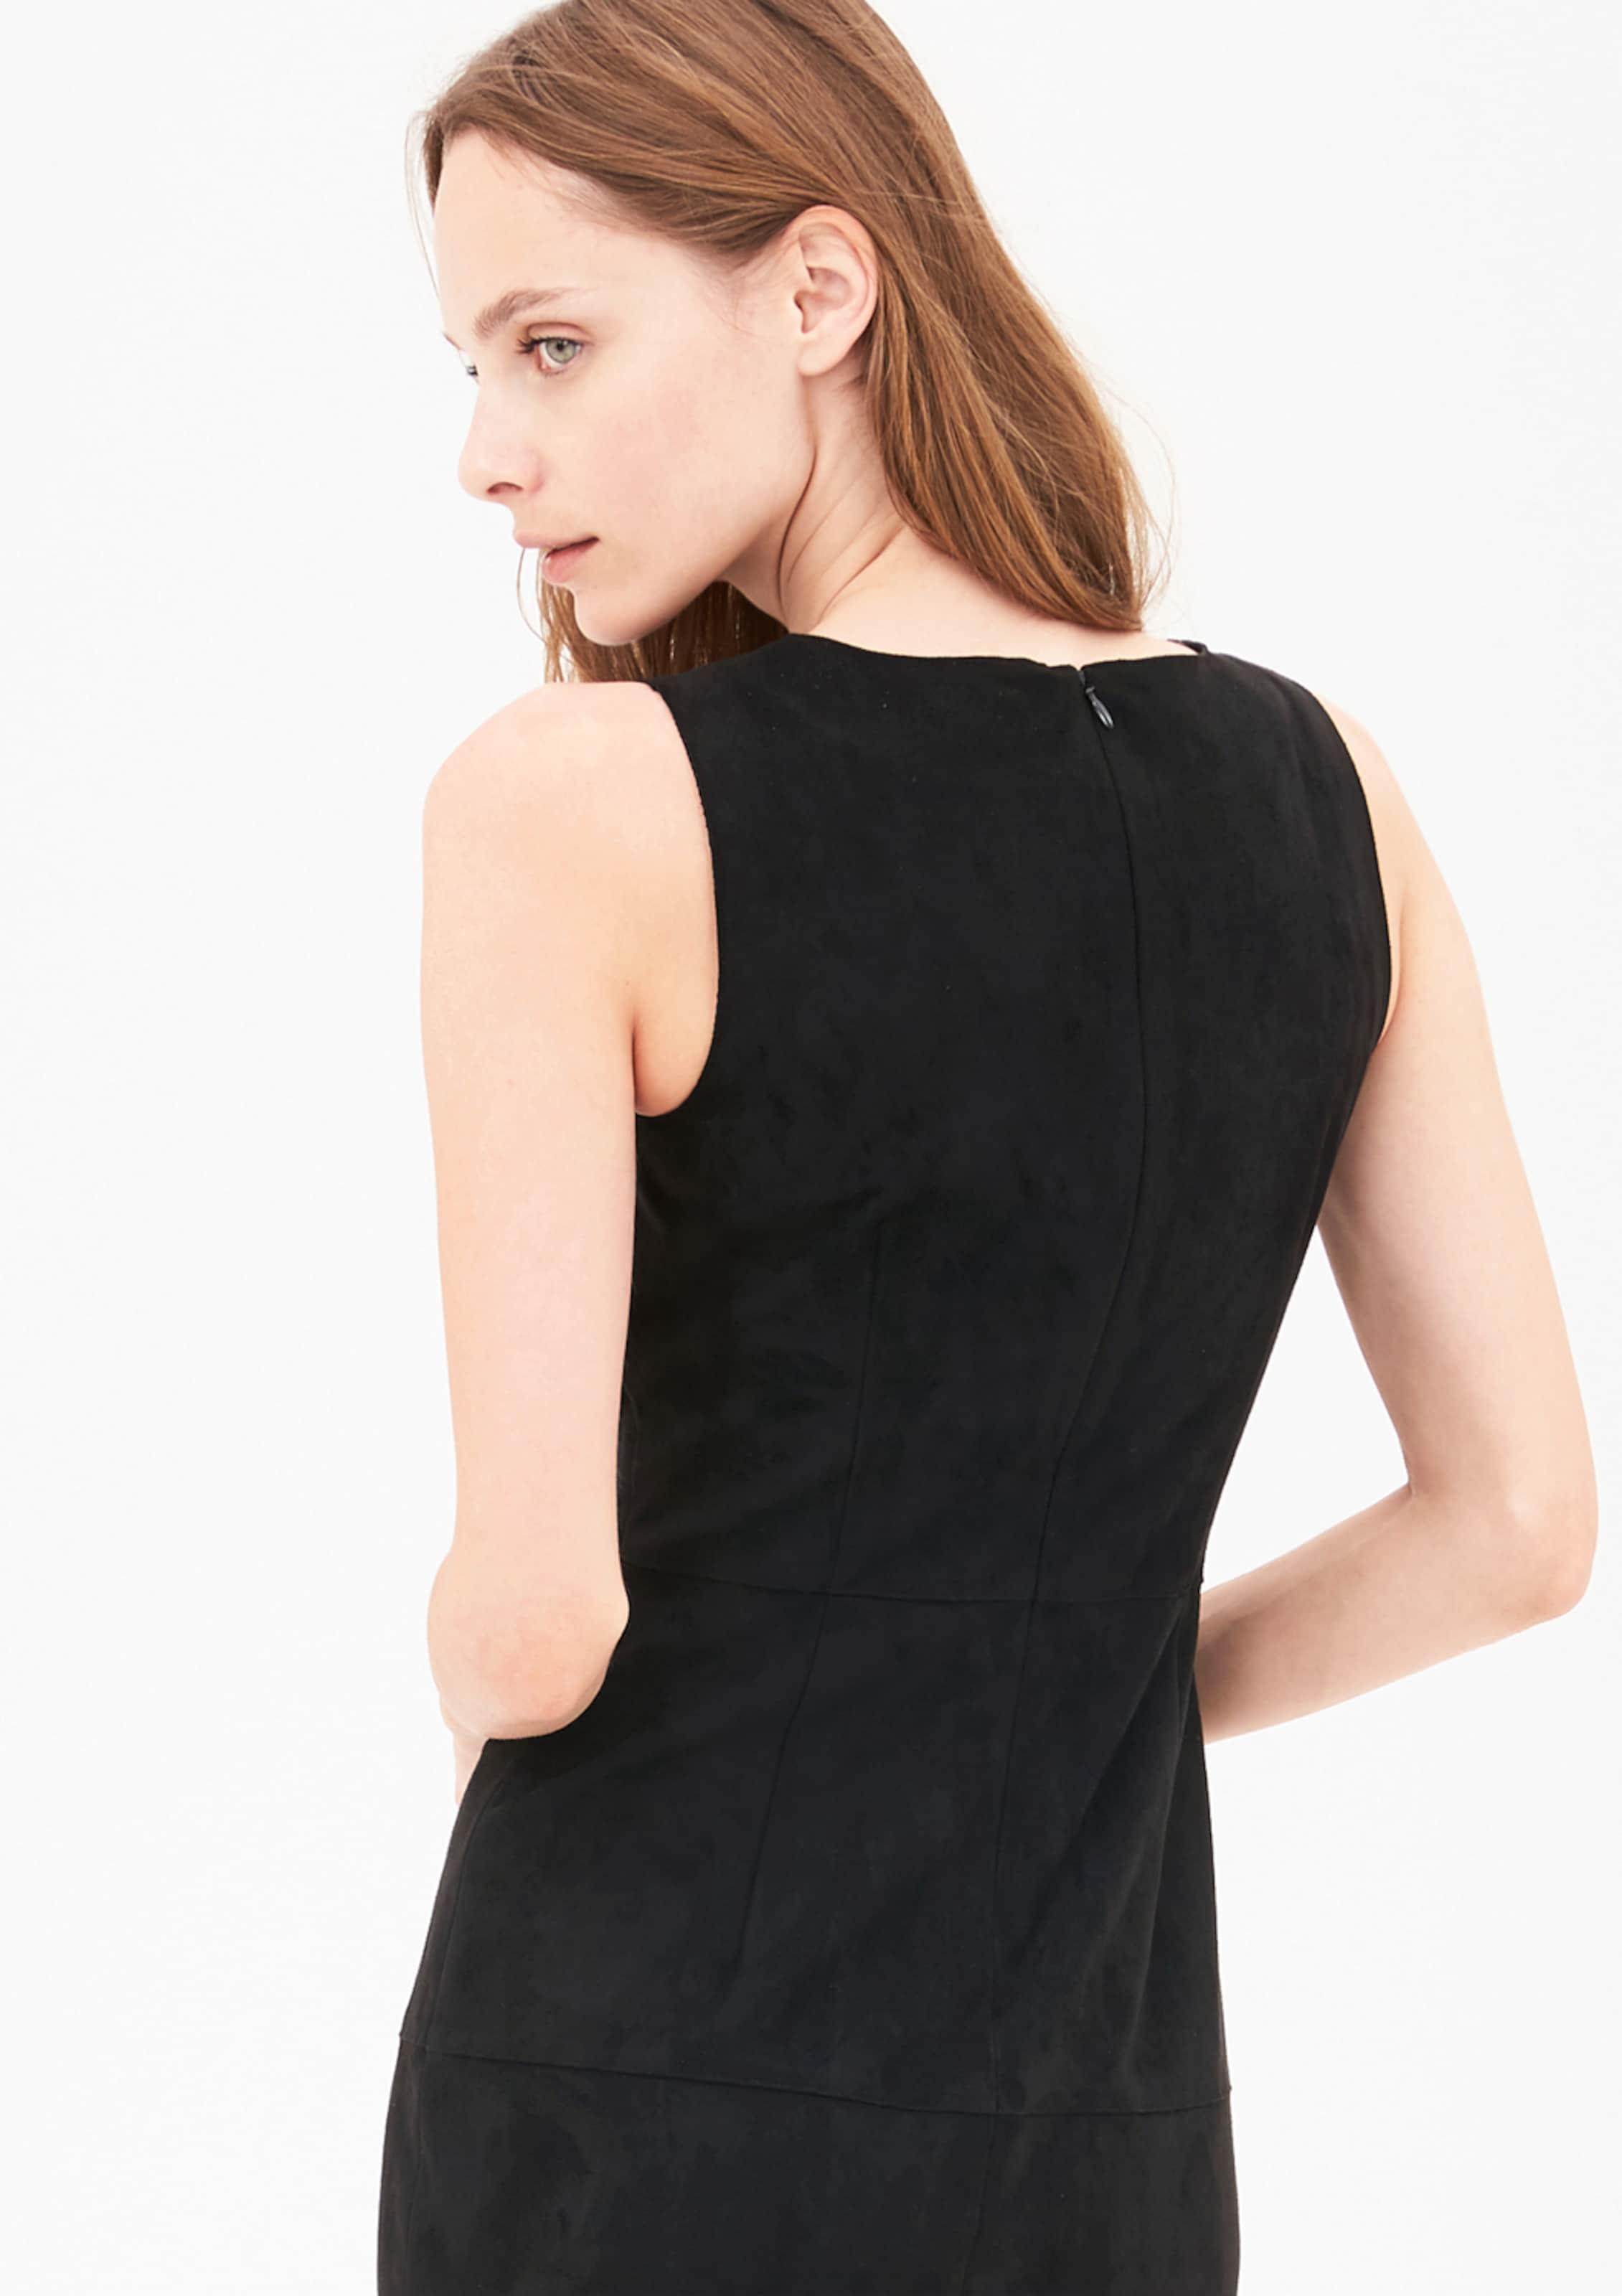 s.Oliver BLACK LABEL Schmales Kleid in Veloursleder-Optik Outlet Billige Qualität Günstig Kaufen Bequem FIT8L0i